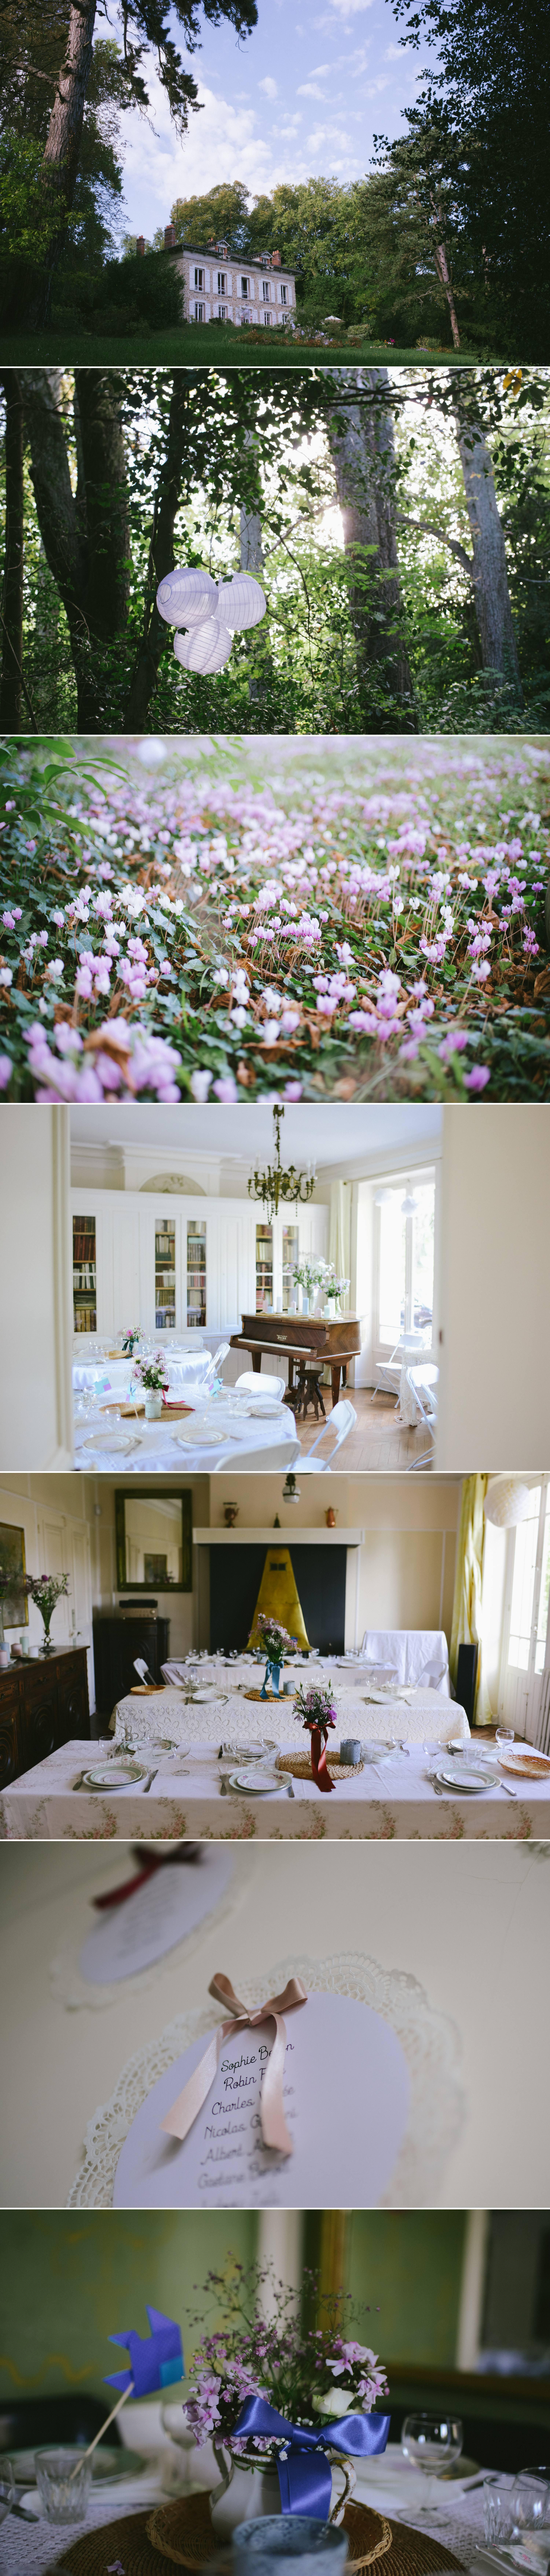 photographe-mariage-enclos-monptlaisir-paris-bordeaux 20